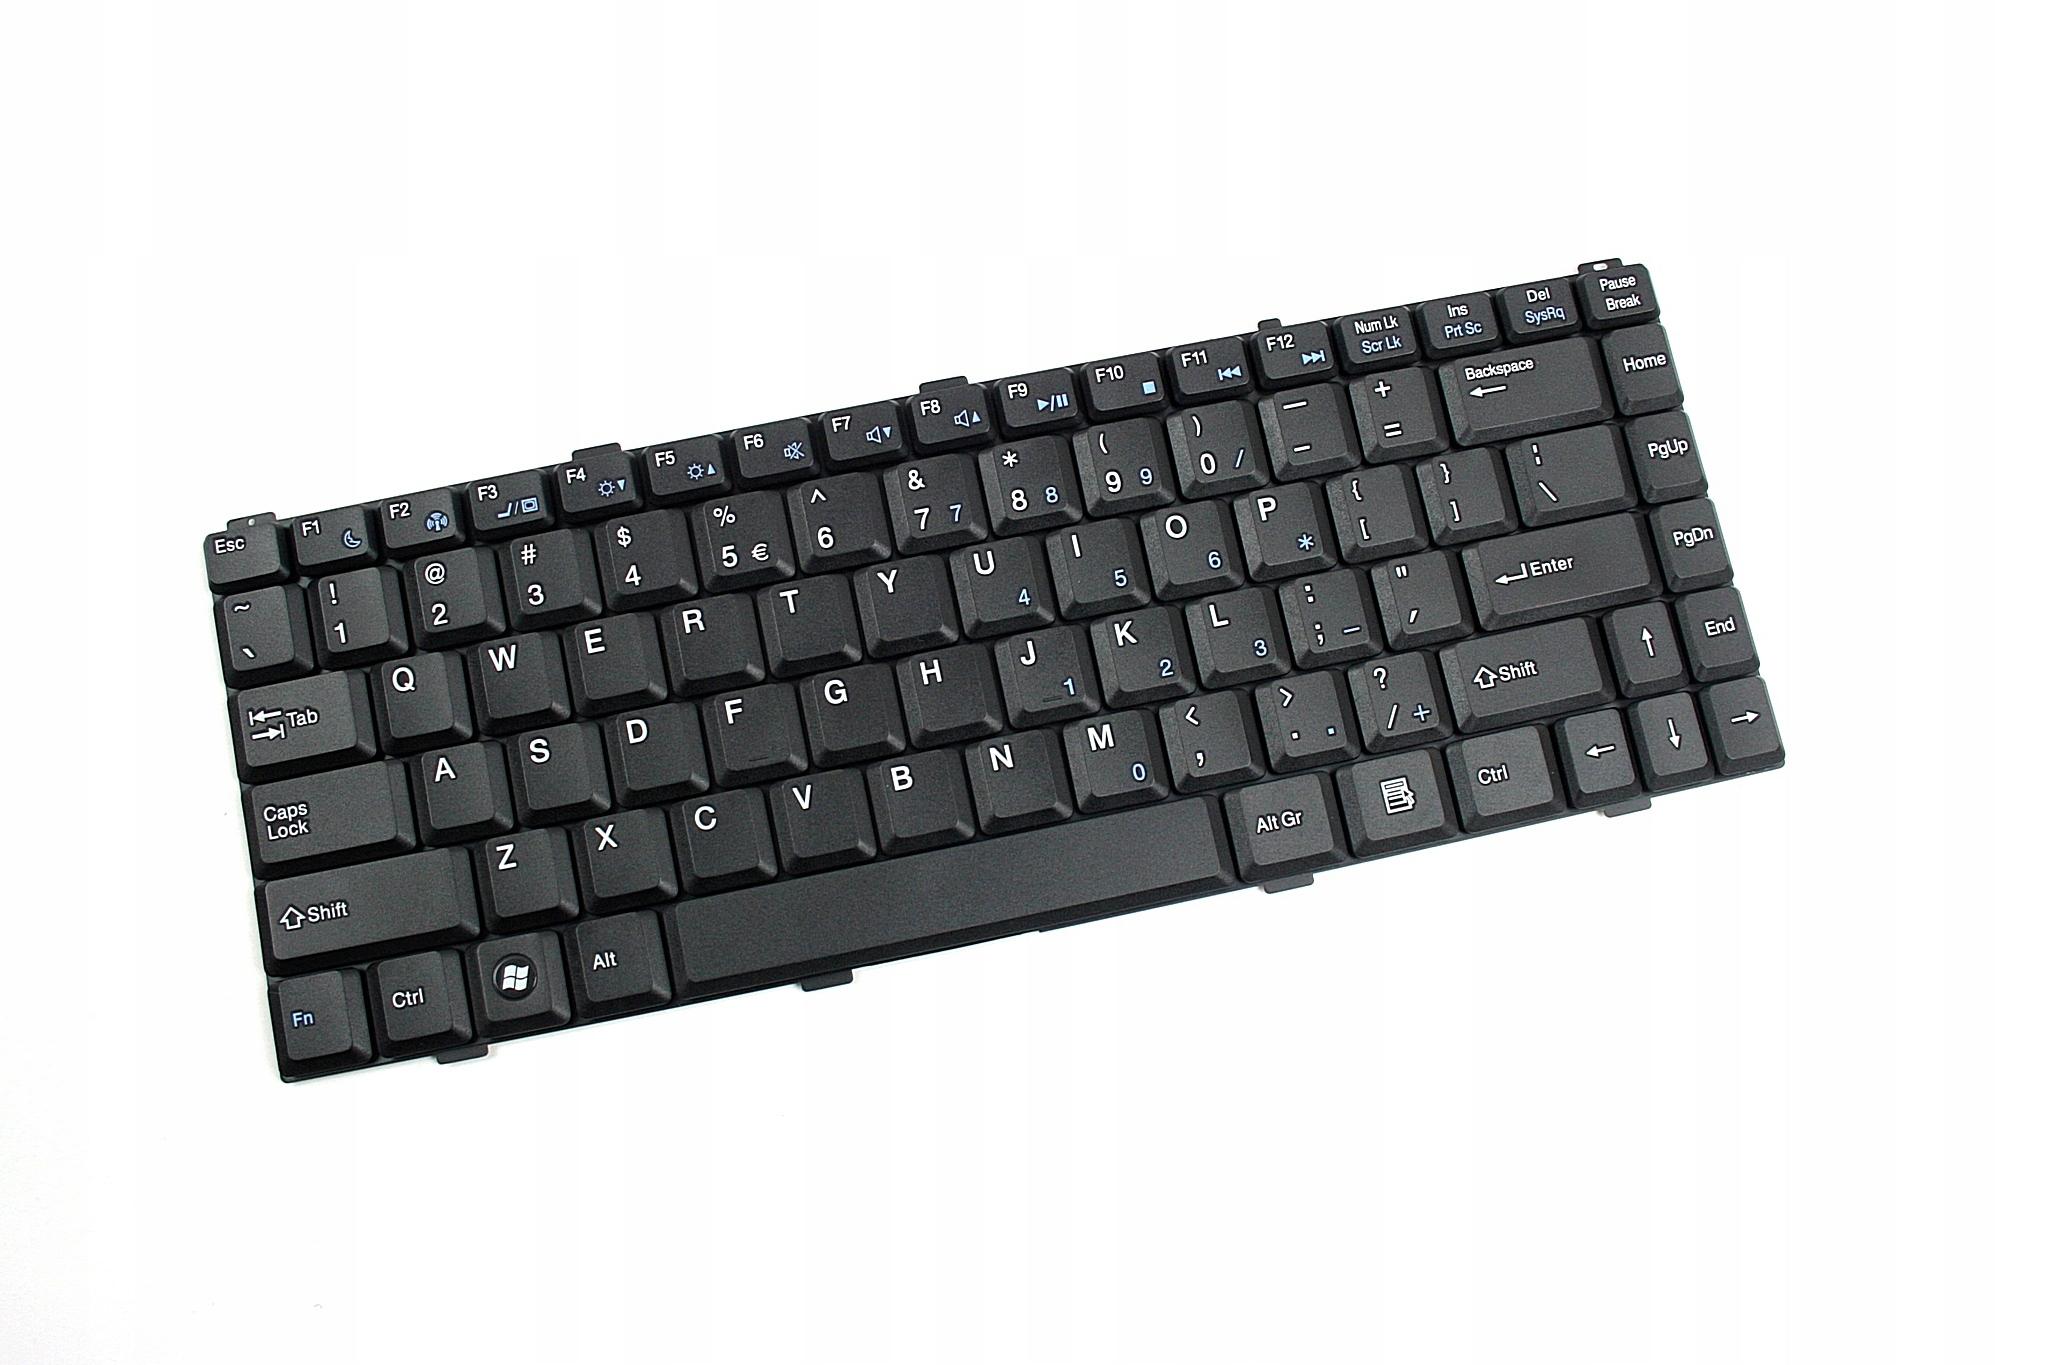 KLAWIATURA ASUS S96 Z96 COMPAL FL90 FL91 FL92 Z84 - Klawiatury do laptopów